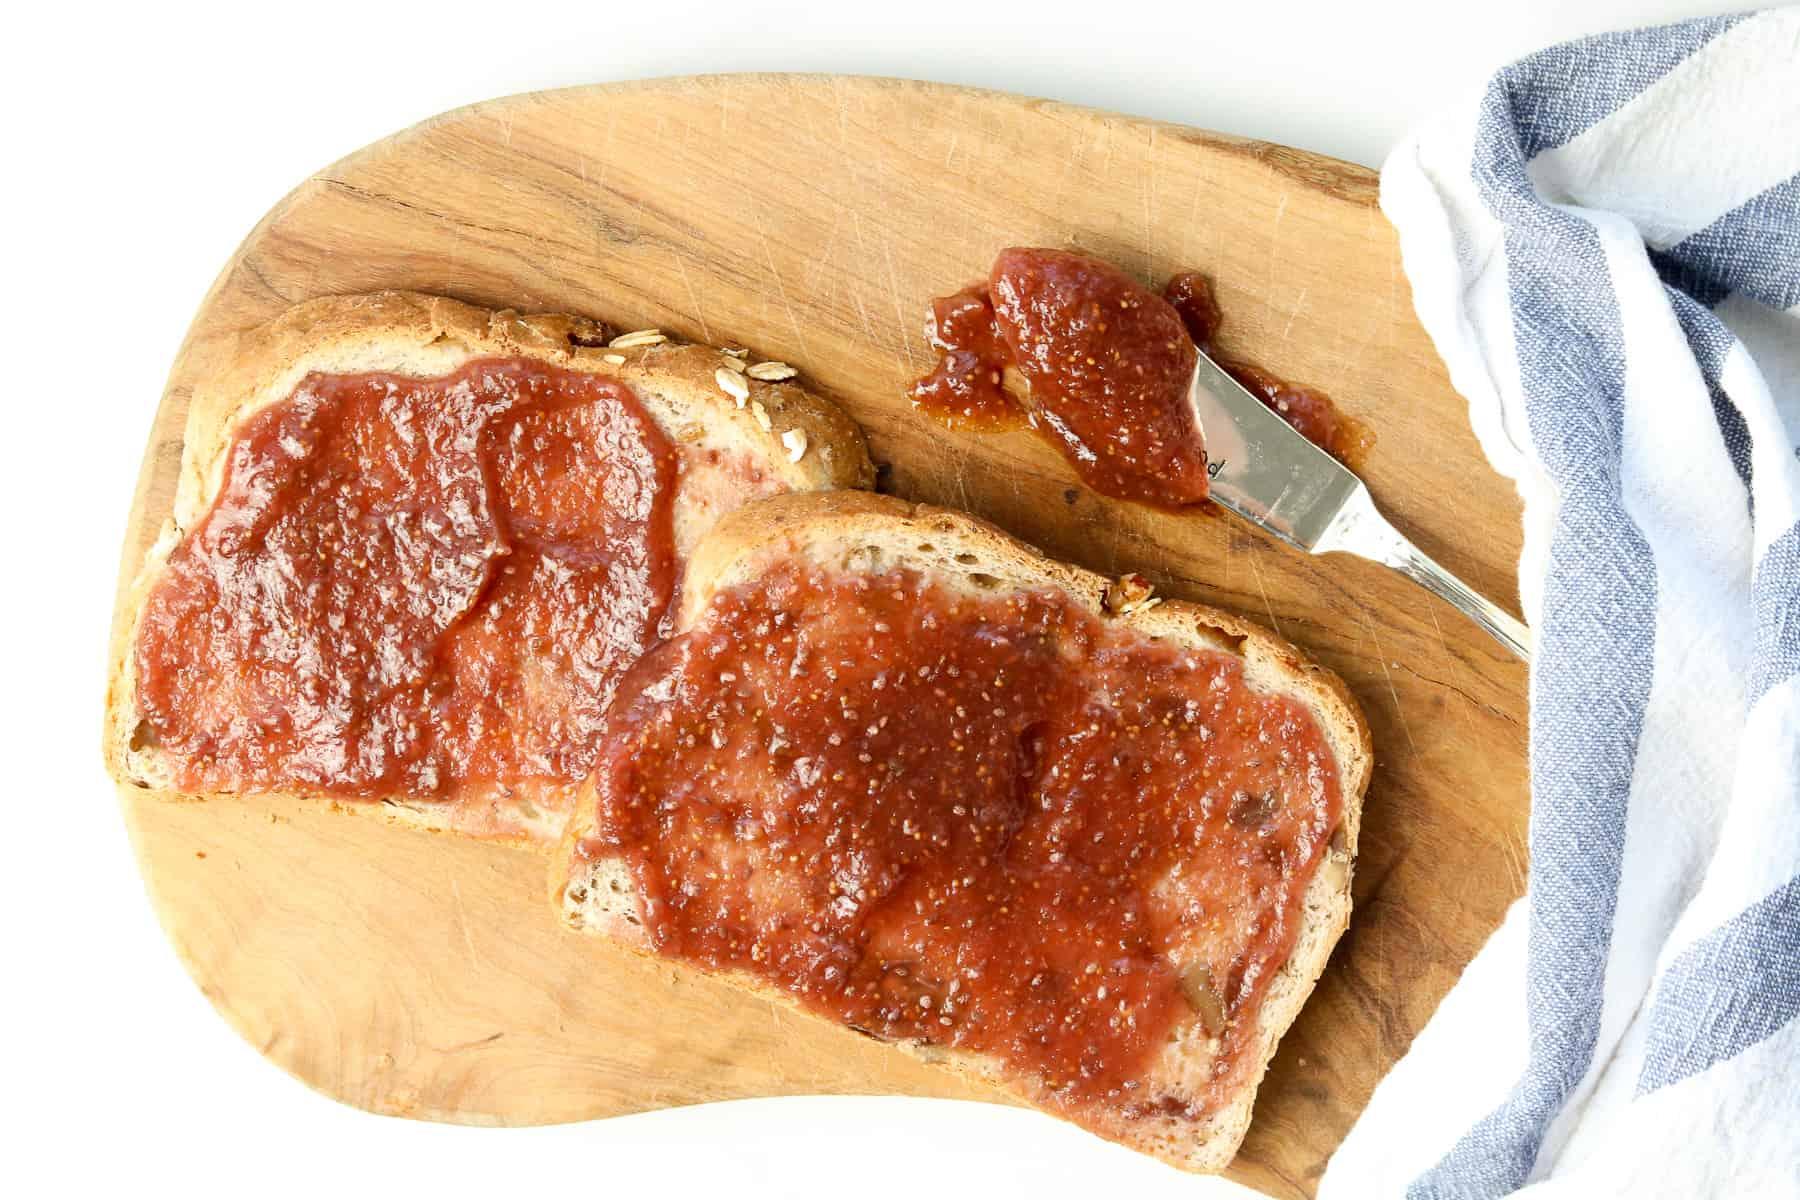 Image of homemade fig jam on toast.